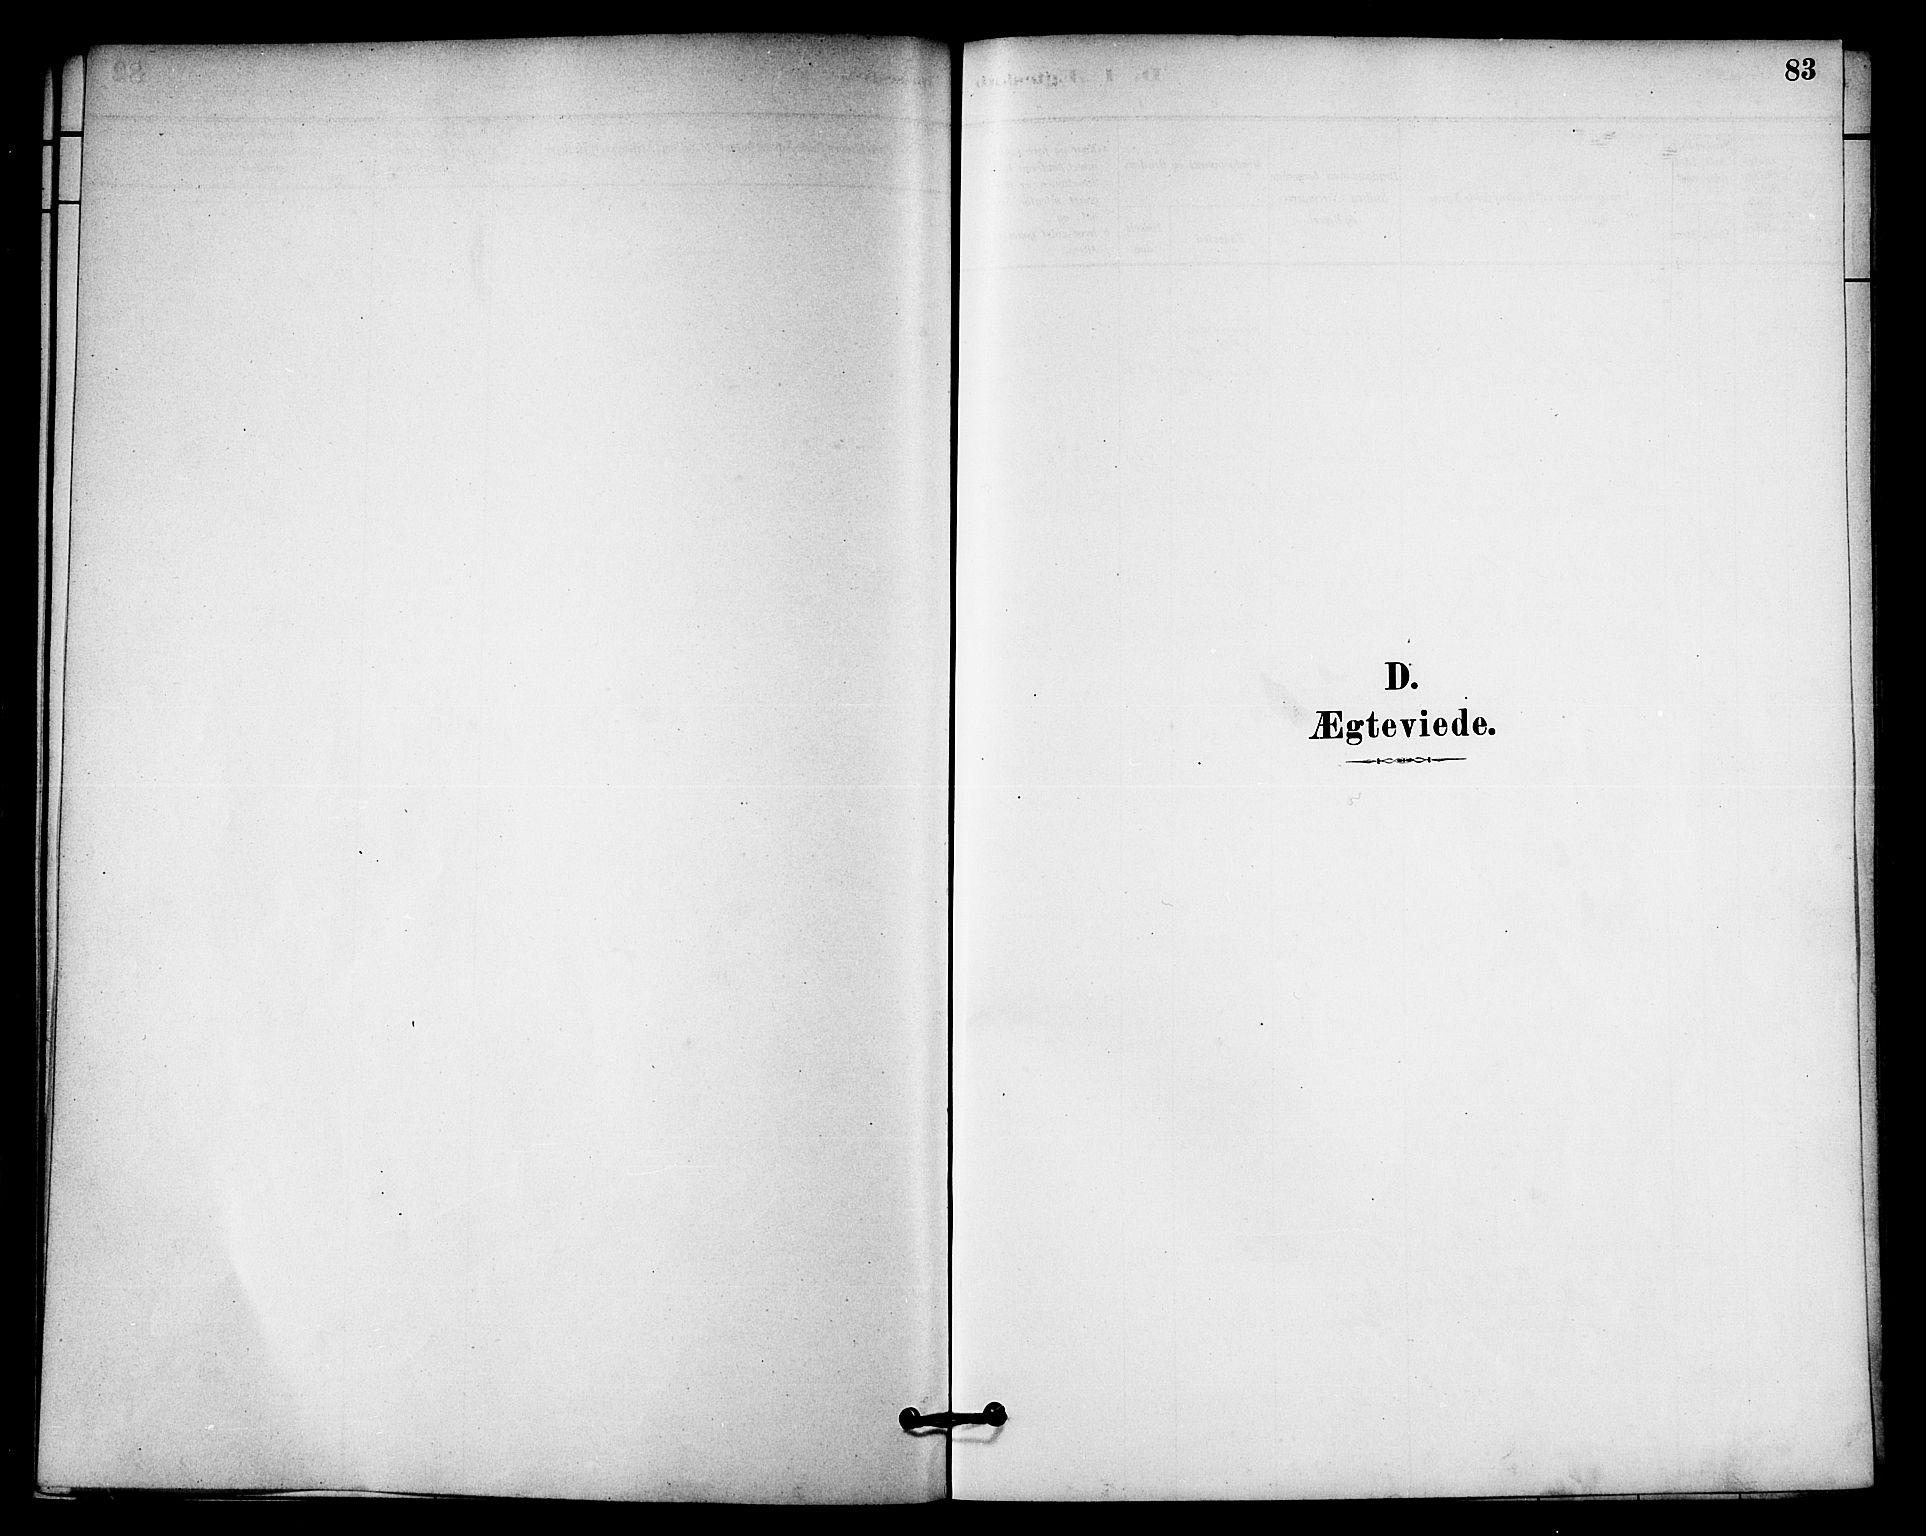 SAT, Ministerialprotokoller, klokkerbøker og fødselsregistre - Nord-Trøndelag, 740/L0378: Ministerialbok nr. 740A01, 1881-1895, s. 83